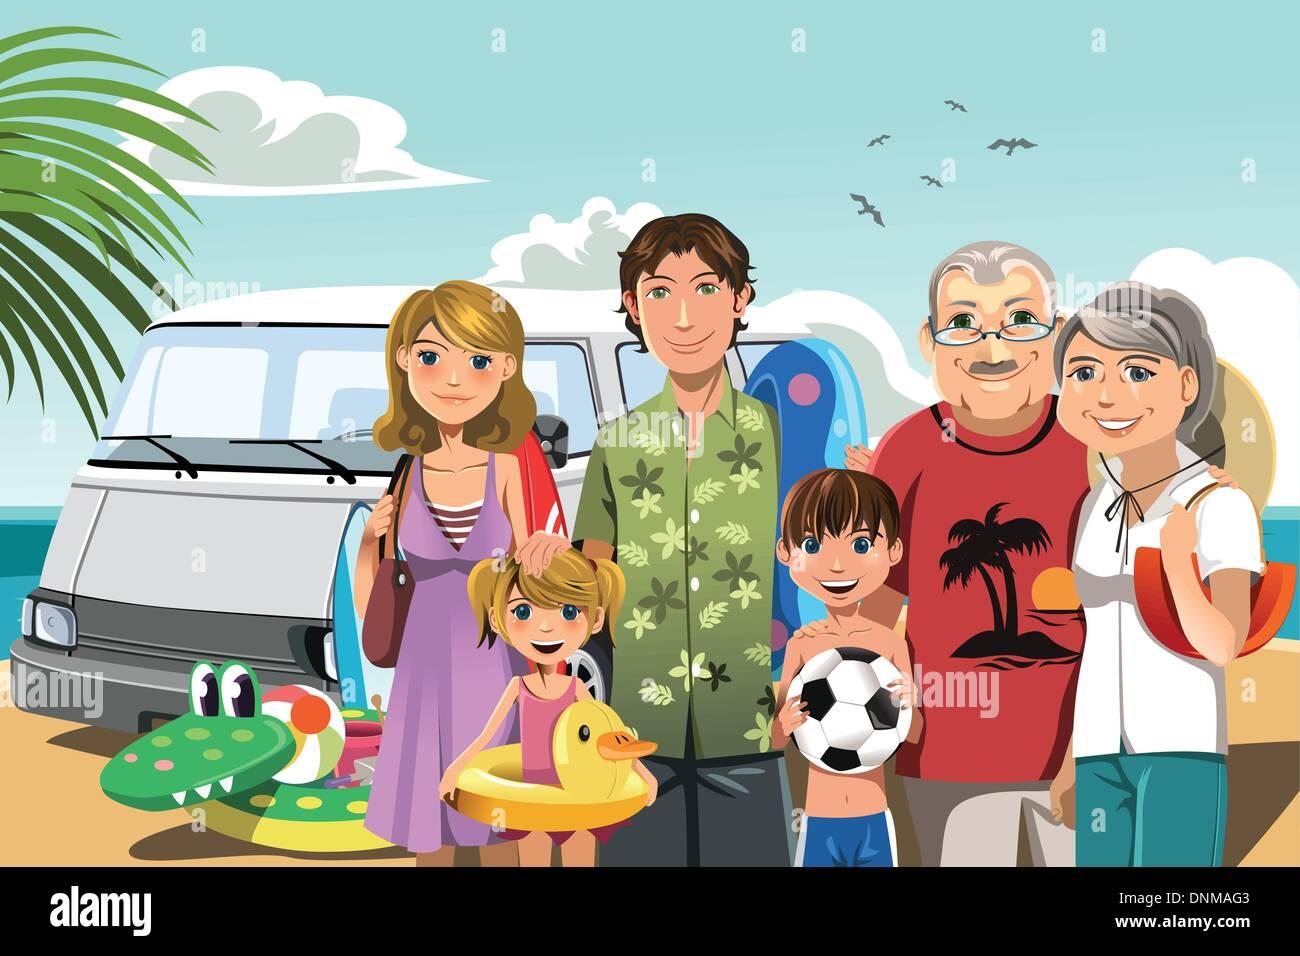 nuclear family illustration stock photos nuclear family